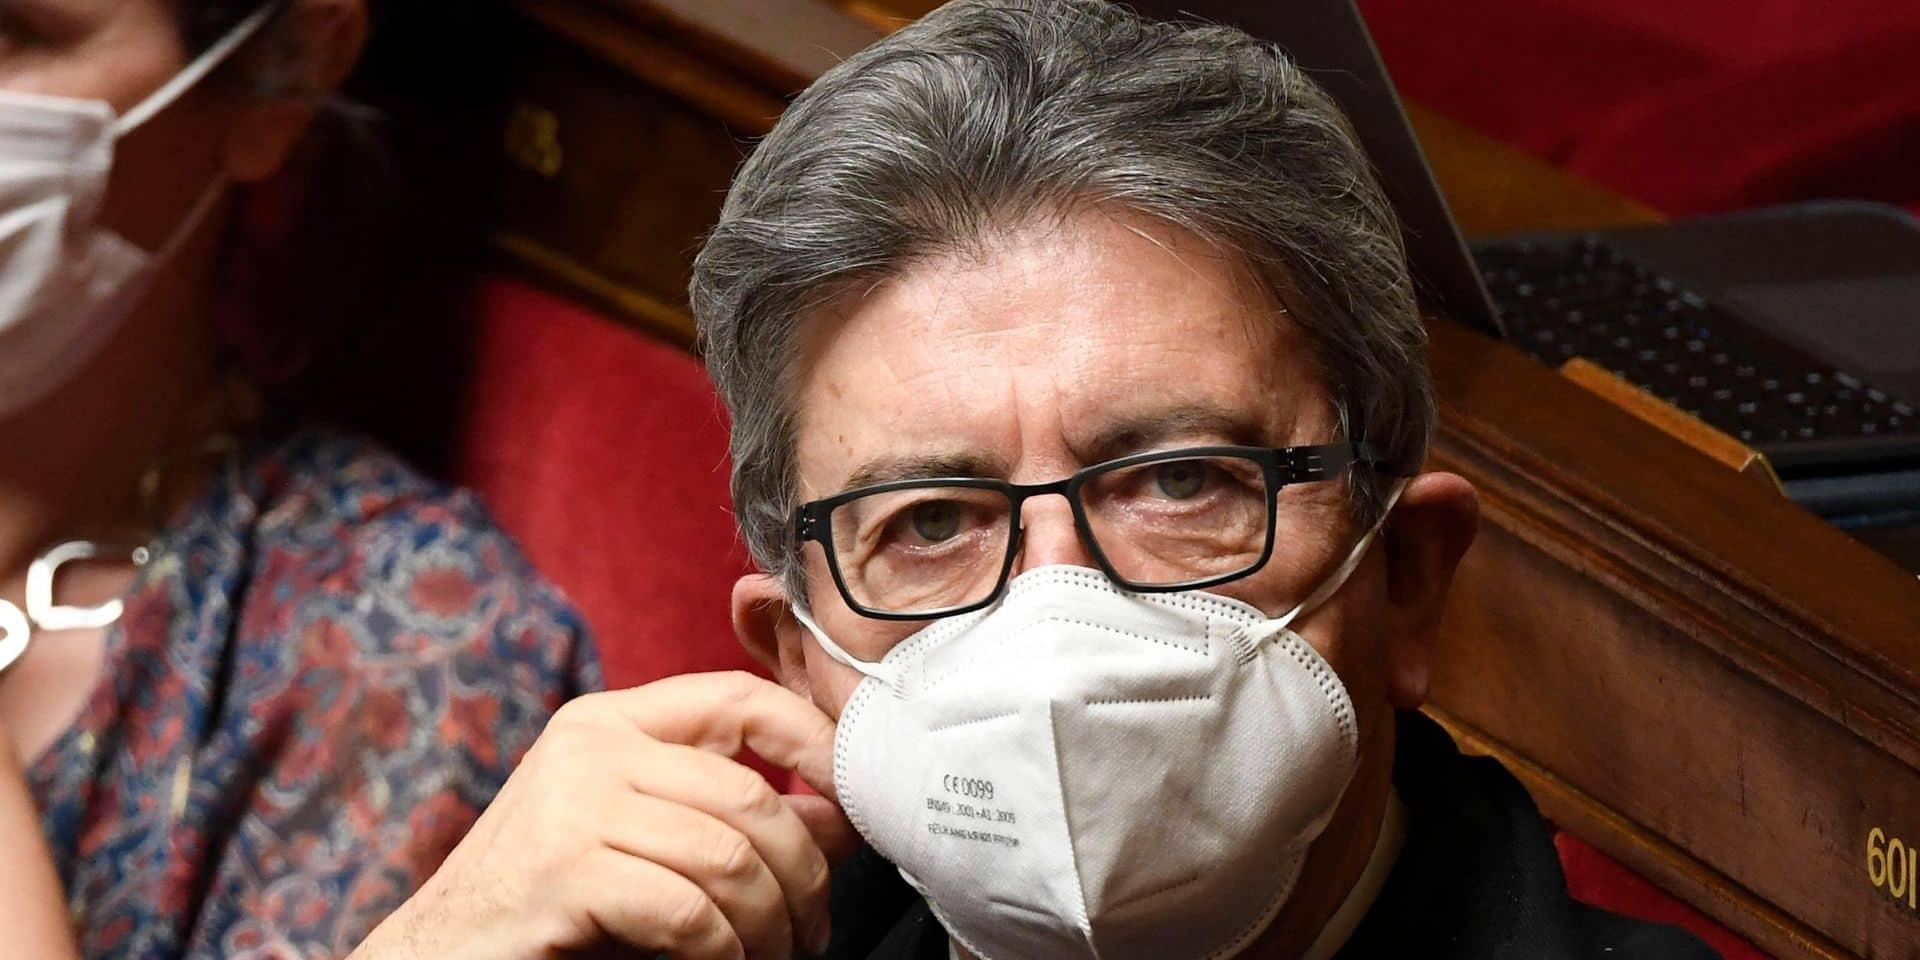 Mélenchon perd son procès en diffamation contre le rapporteur ayant dénoncé des irrégularités dans ses dépenses à la présidentielle de 2017